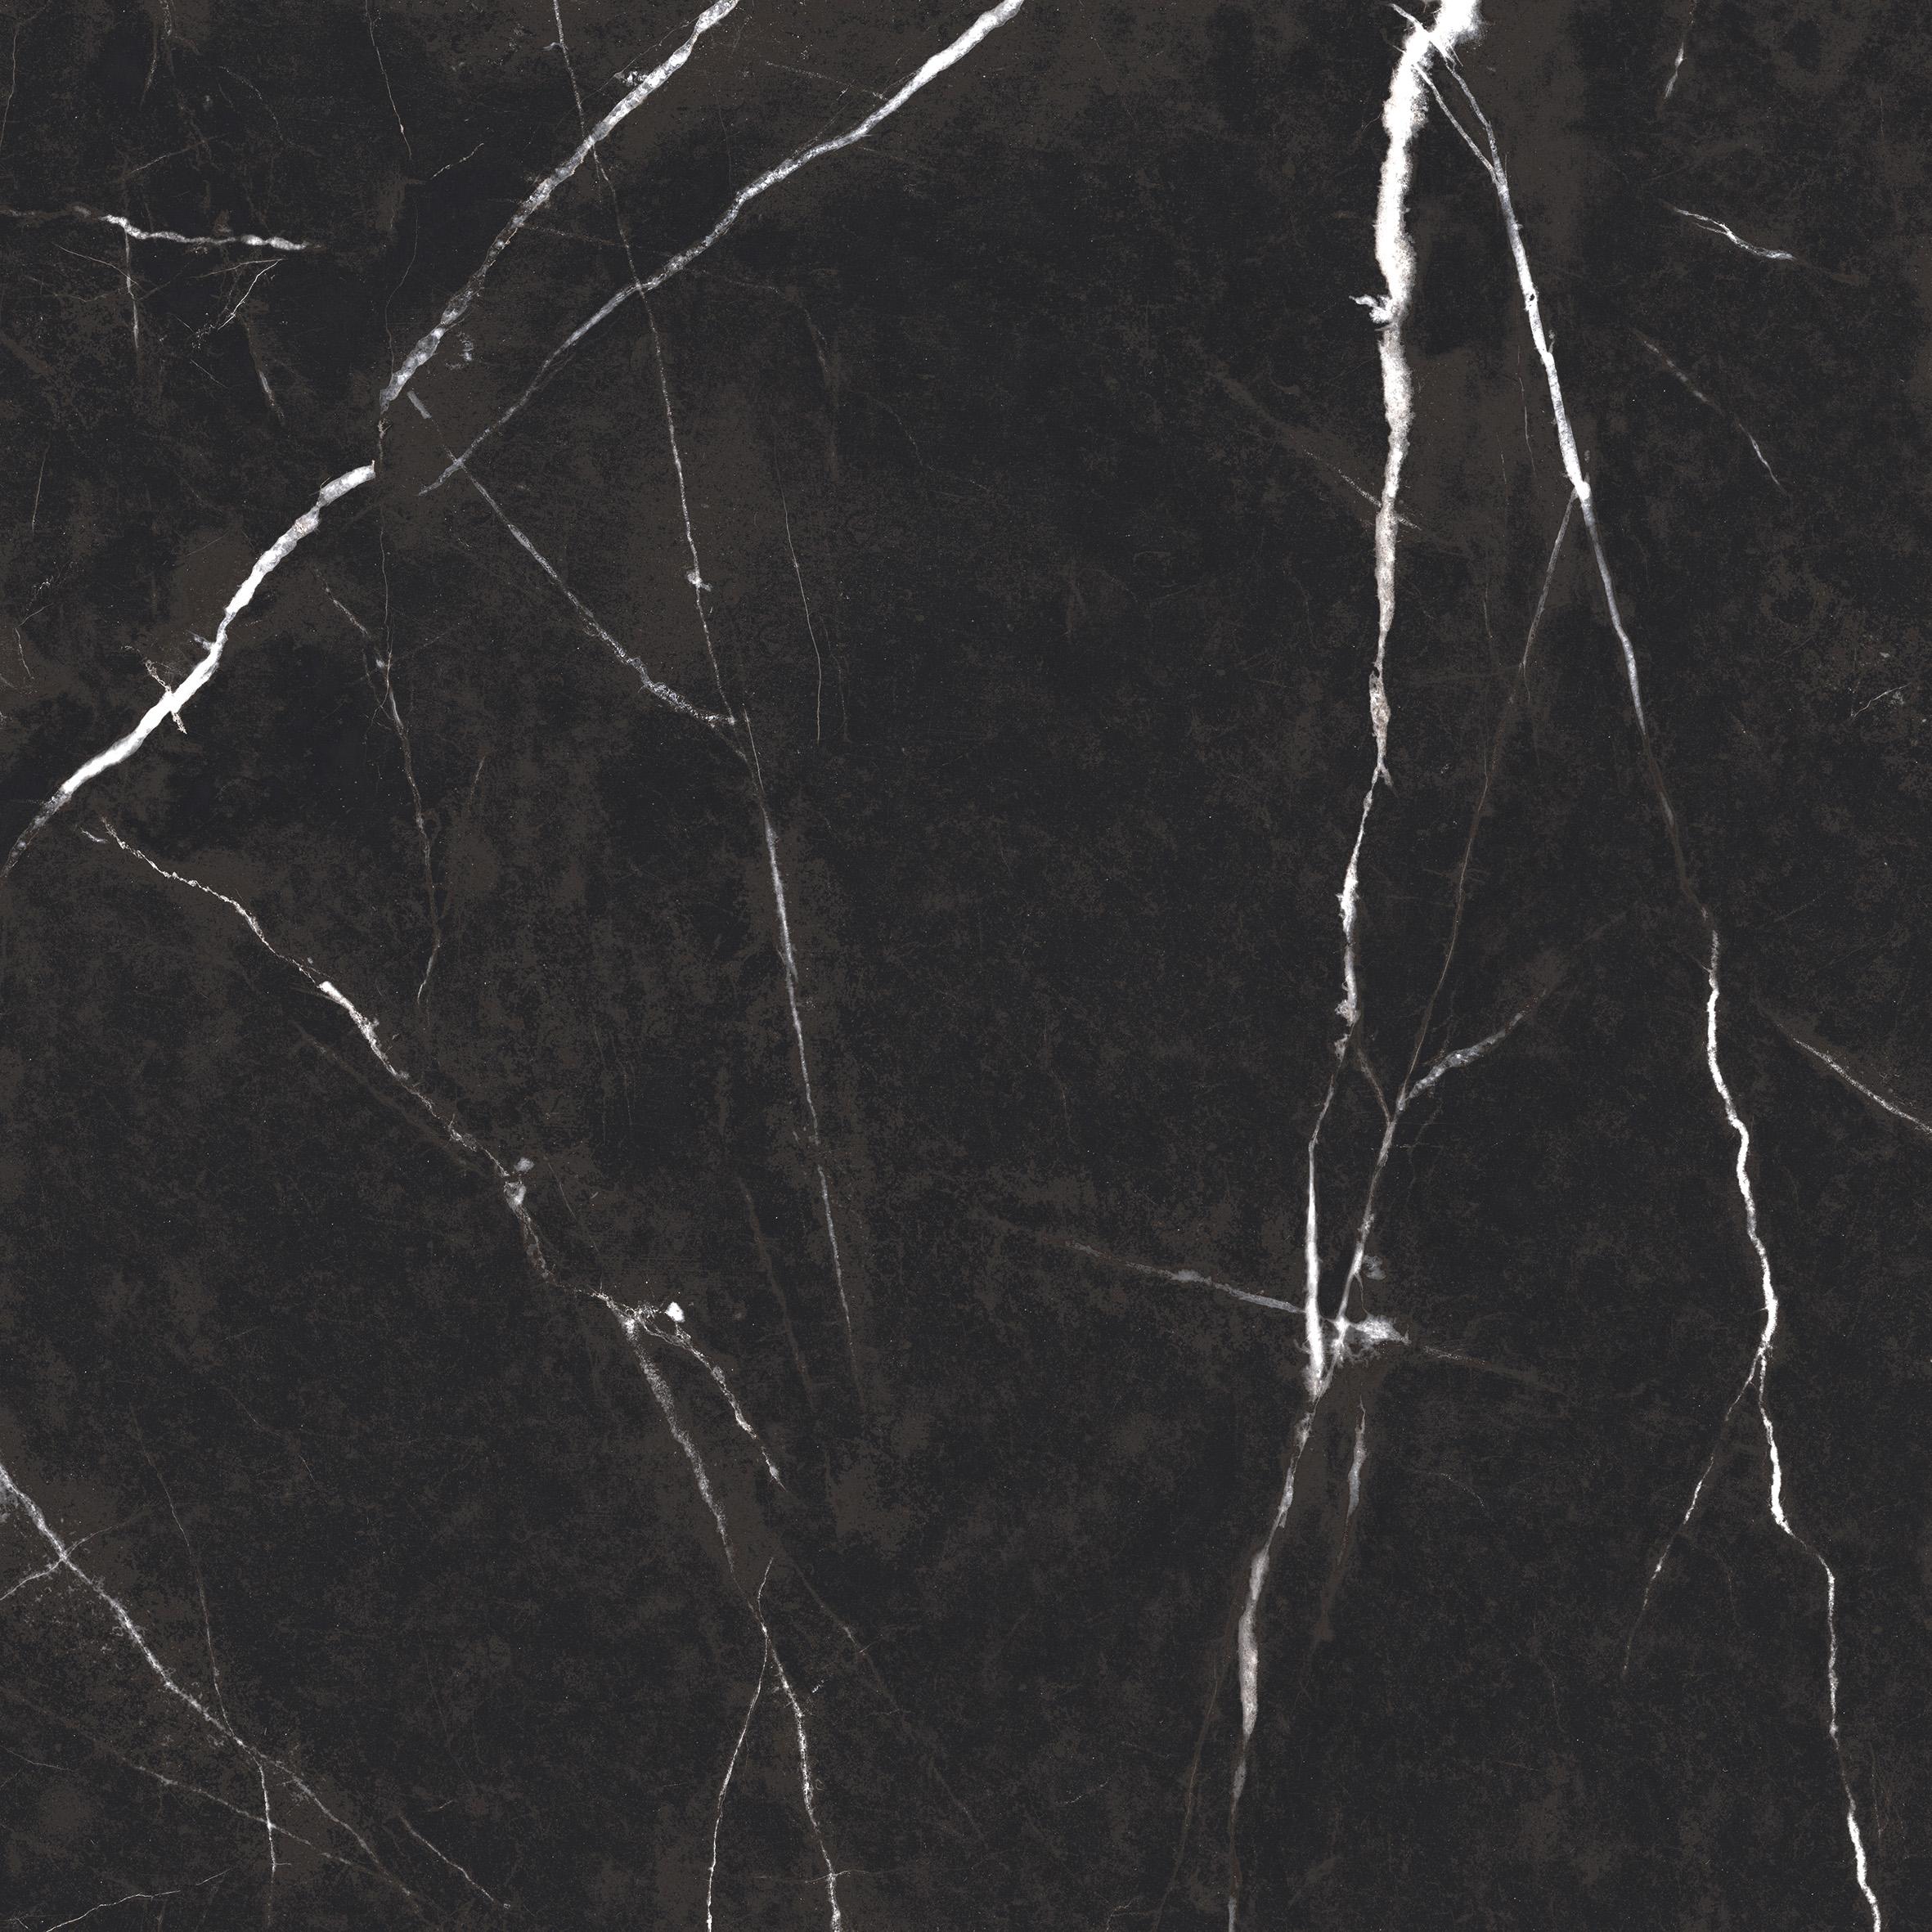 0097446, Archimarble, Musta, lattia,pakkasenkesto